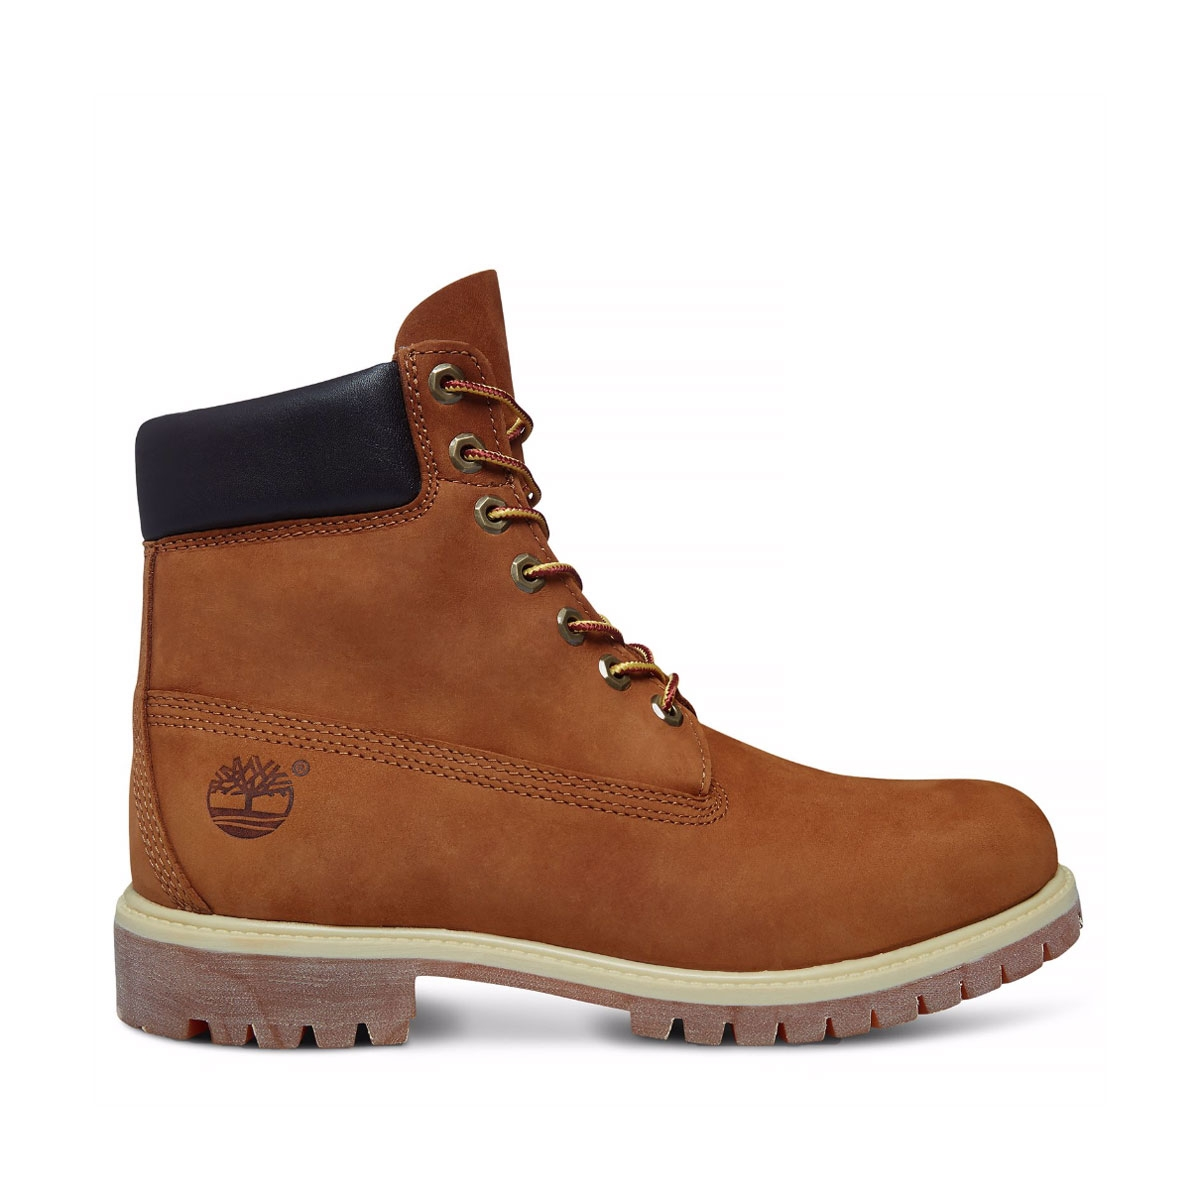 Timberland Icon Classic 6 Inch Premium Original Boot (Men's) Rust Nubuck